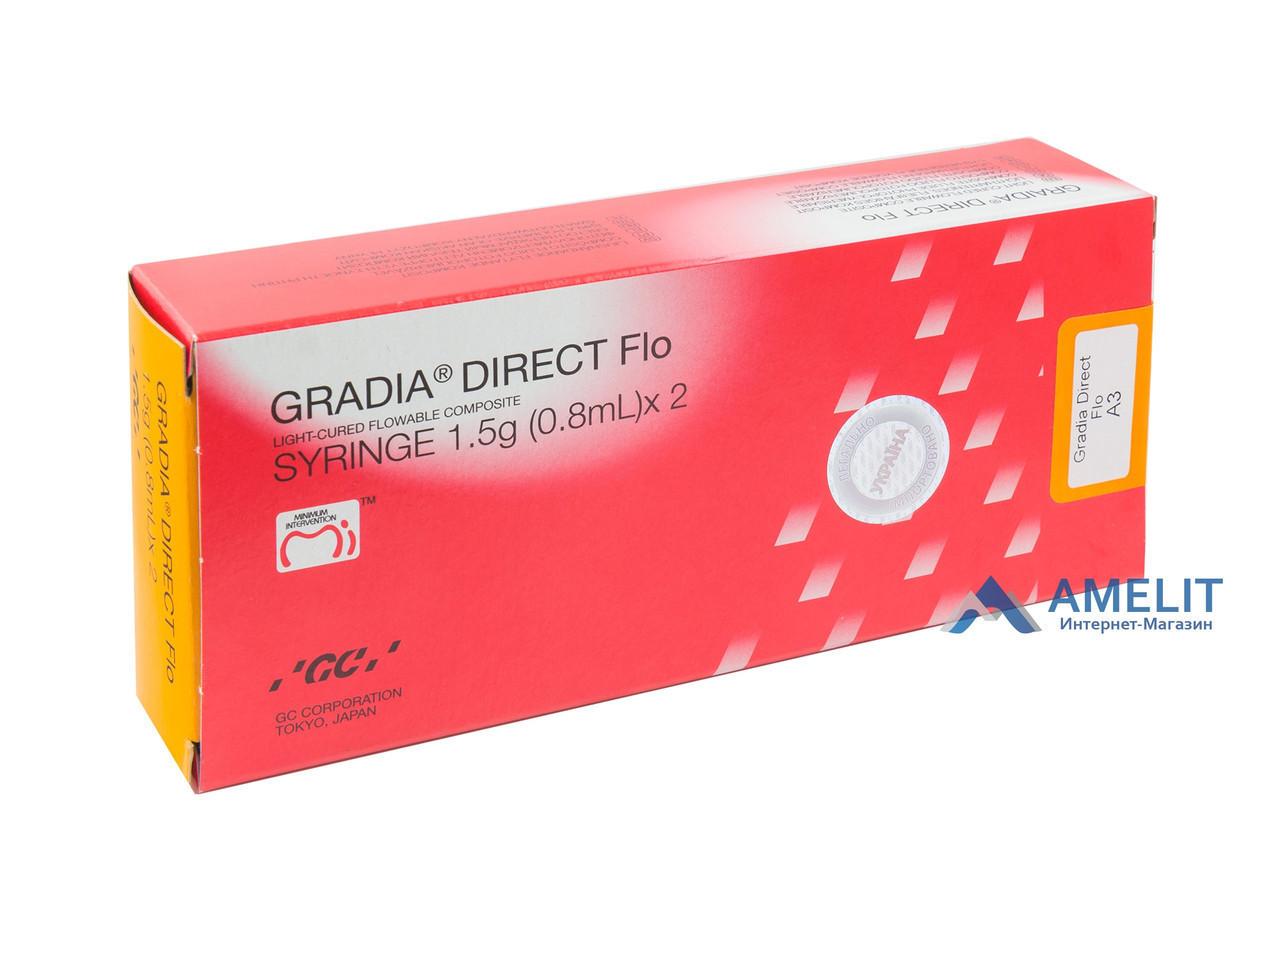 Градиа Дайрект ФлоуA3,5 (Gradia Direct Flo, GC), шприц 1,5г